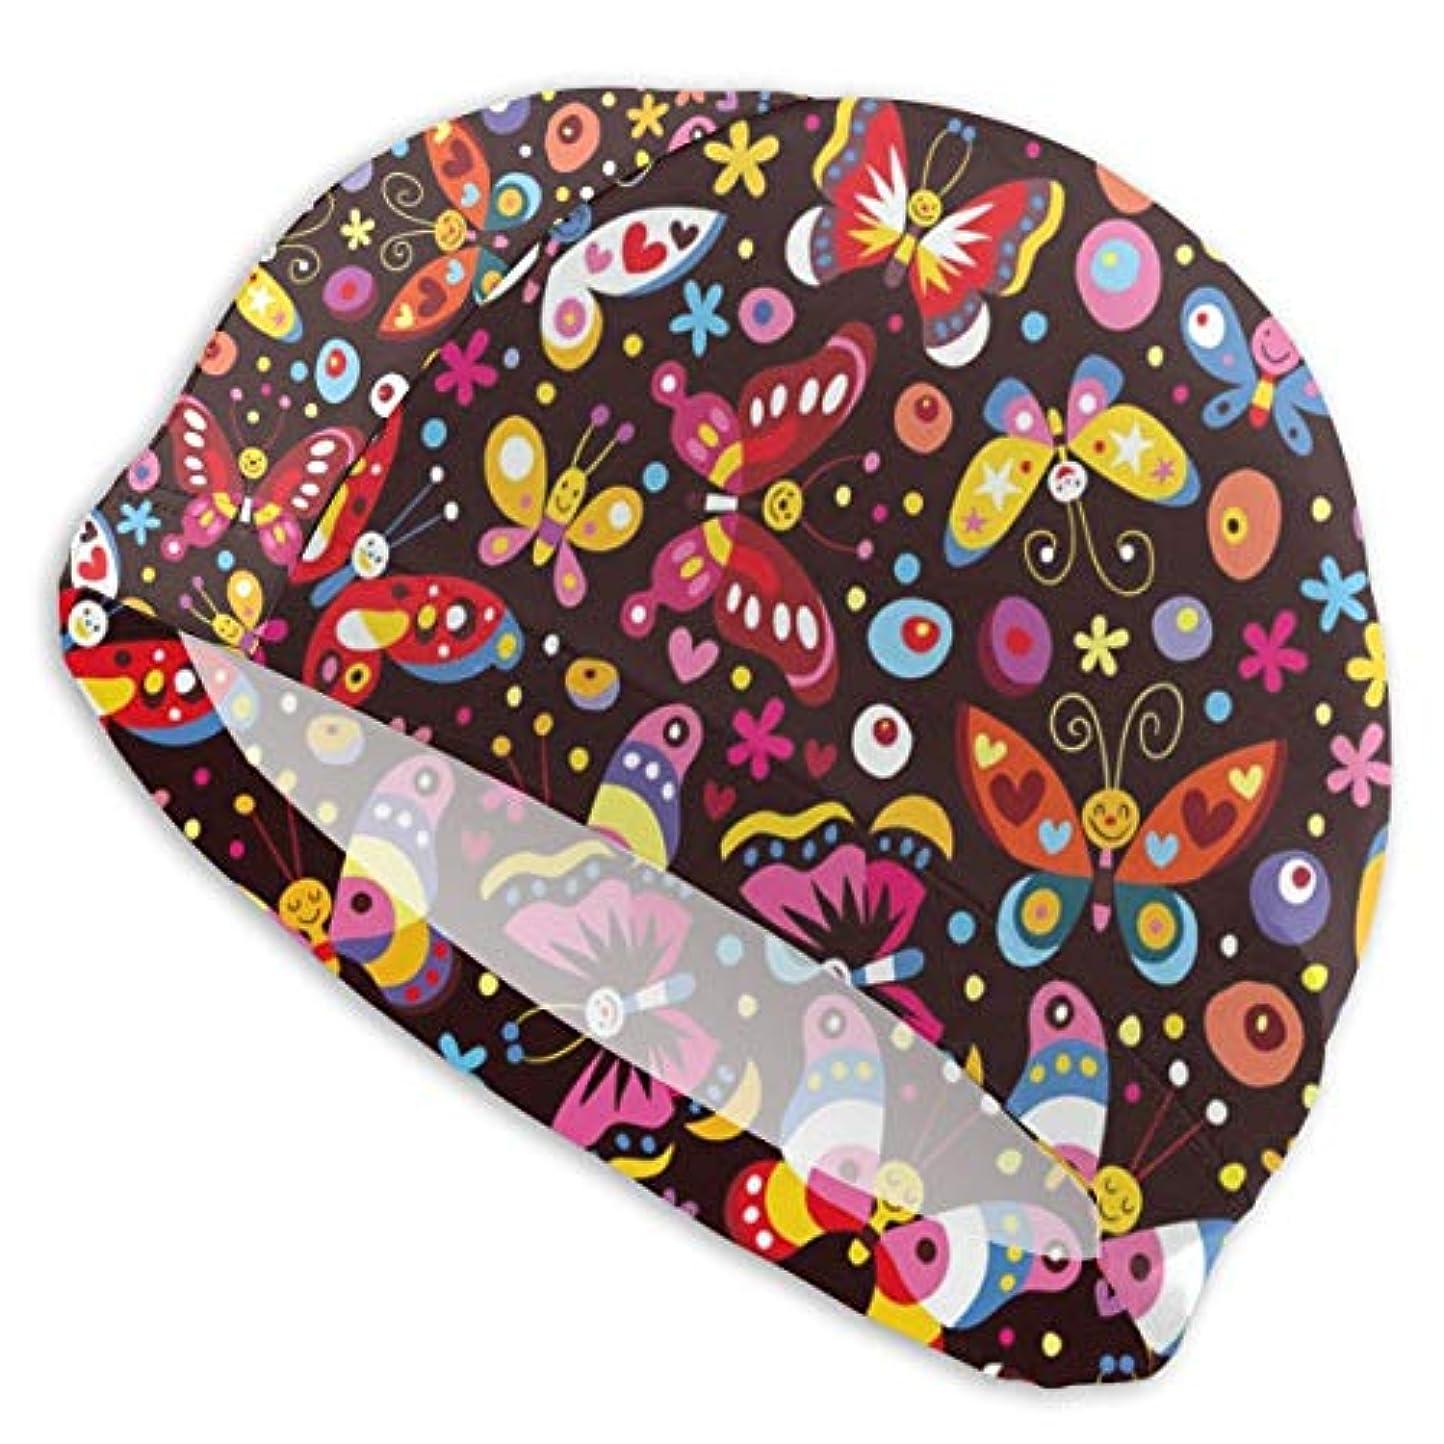 普通に苦会議かわいい蝶のパターン スイムキャップ 水泳帽 水着 キャップ 水泳 競泳 メンズ レディース 大人用